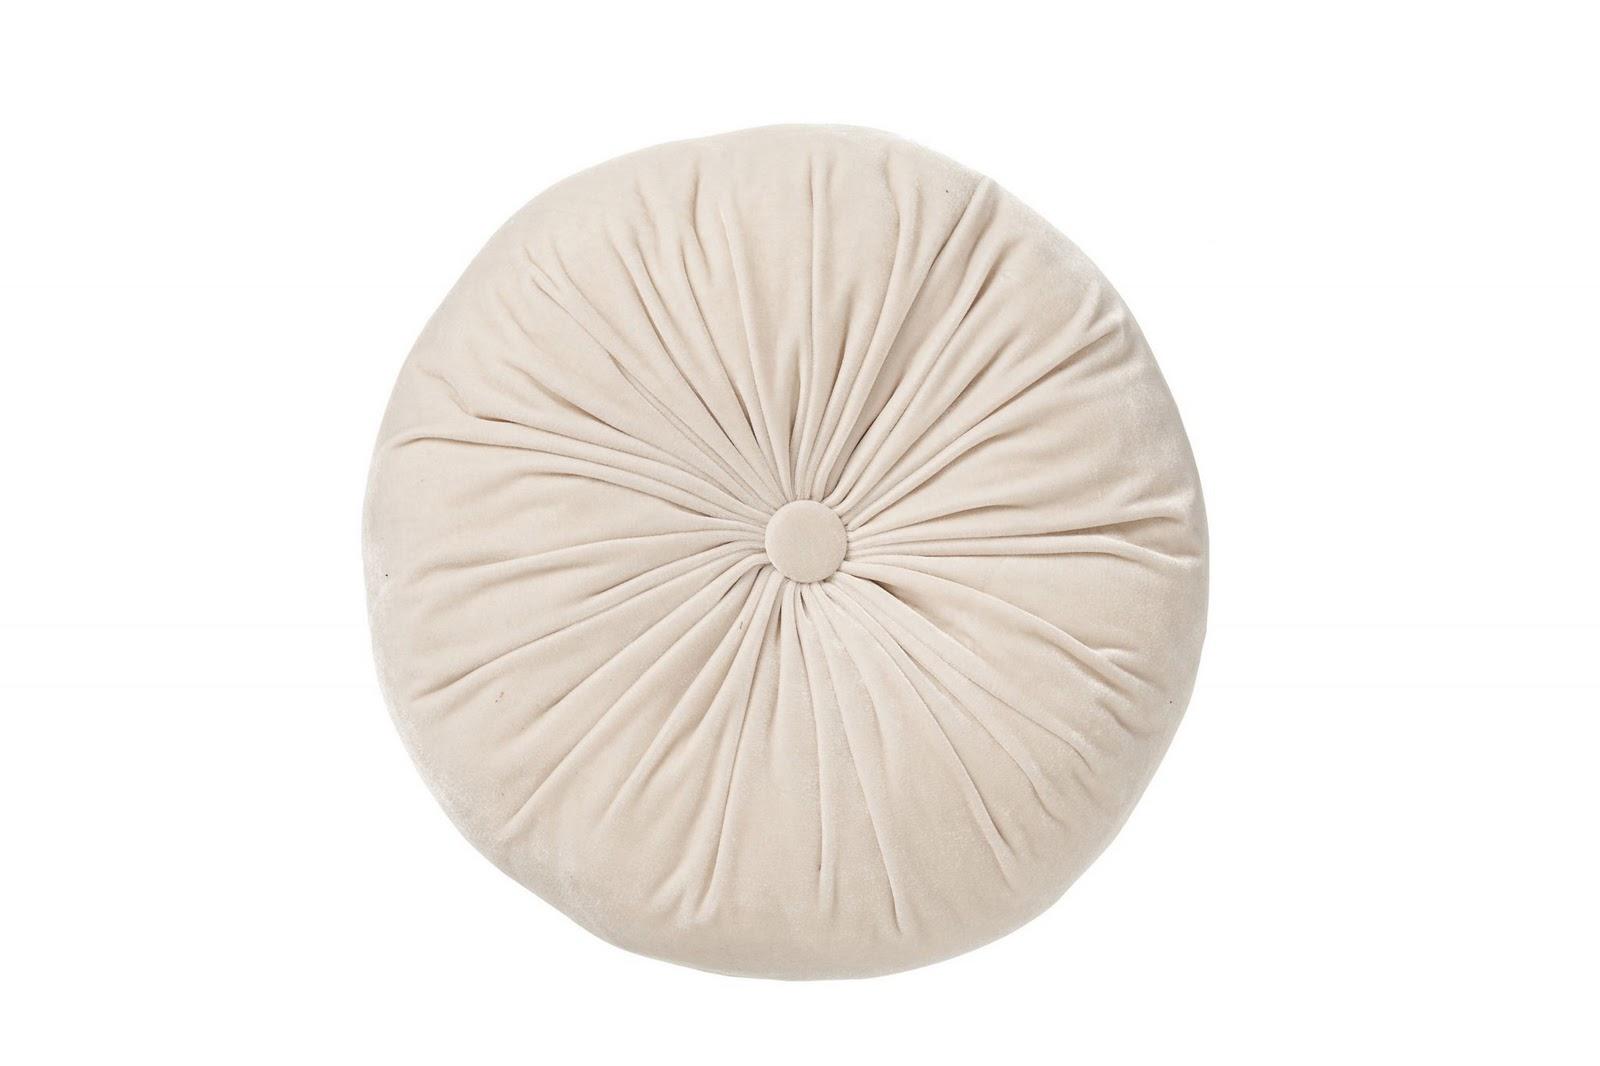 Cojines y mantas low cost para el sof - Mantas sofa primark ...